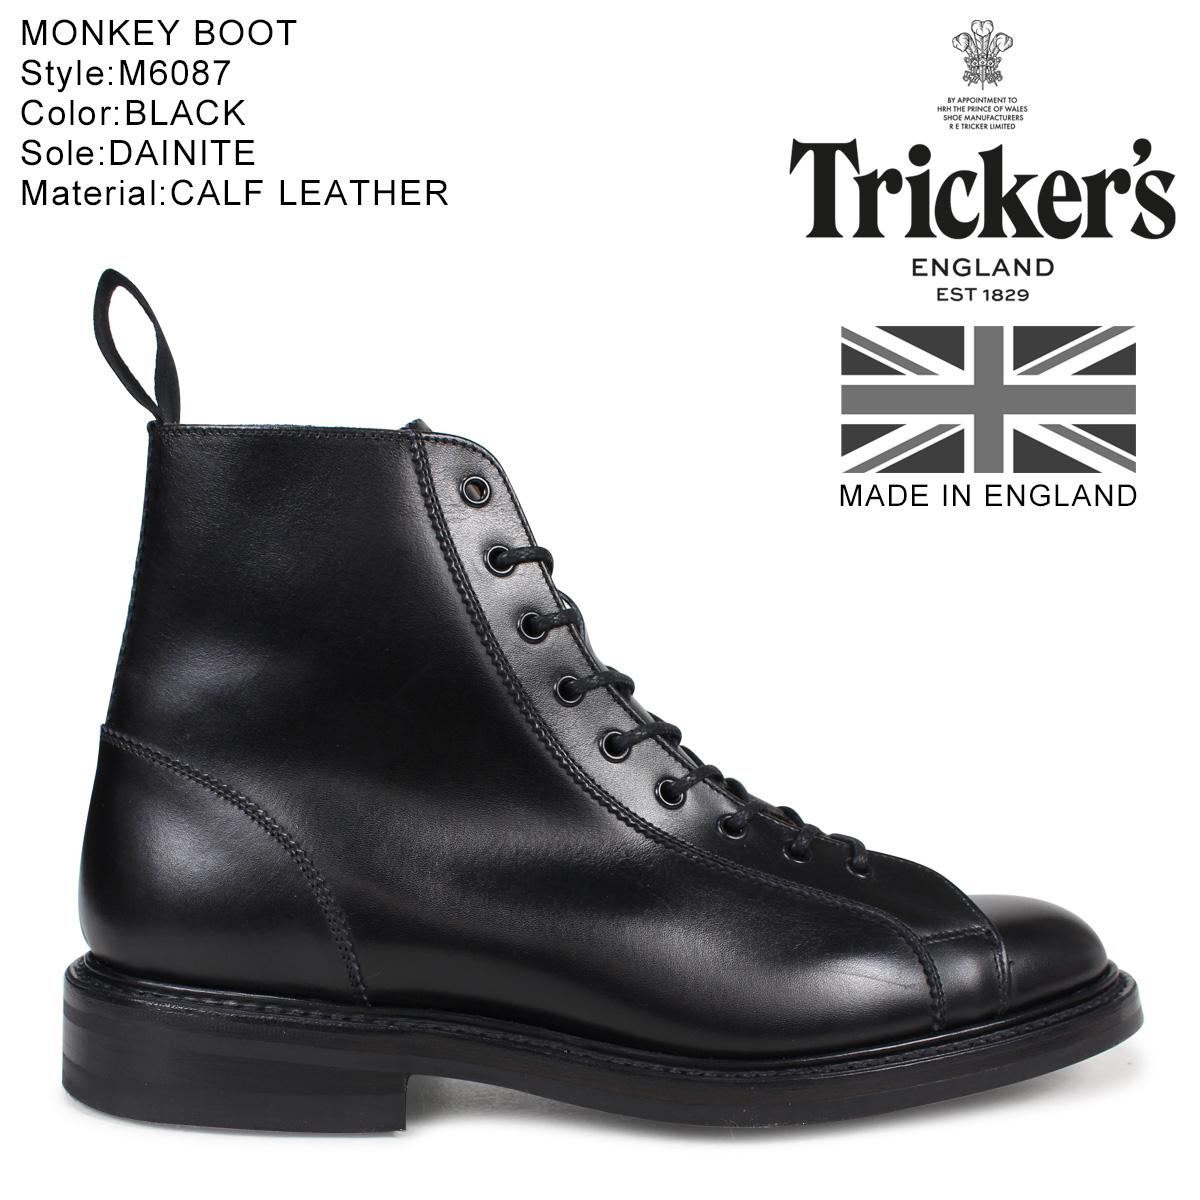 Tricker's トリッカーズ モンキーブーツ MONKEY BOOT M6087 5ワイズ メンズ